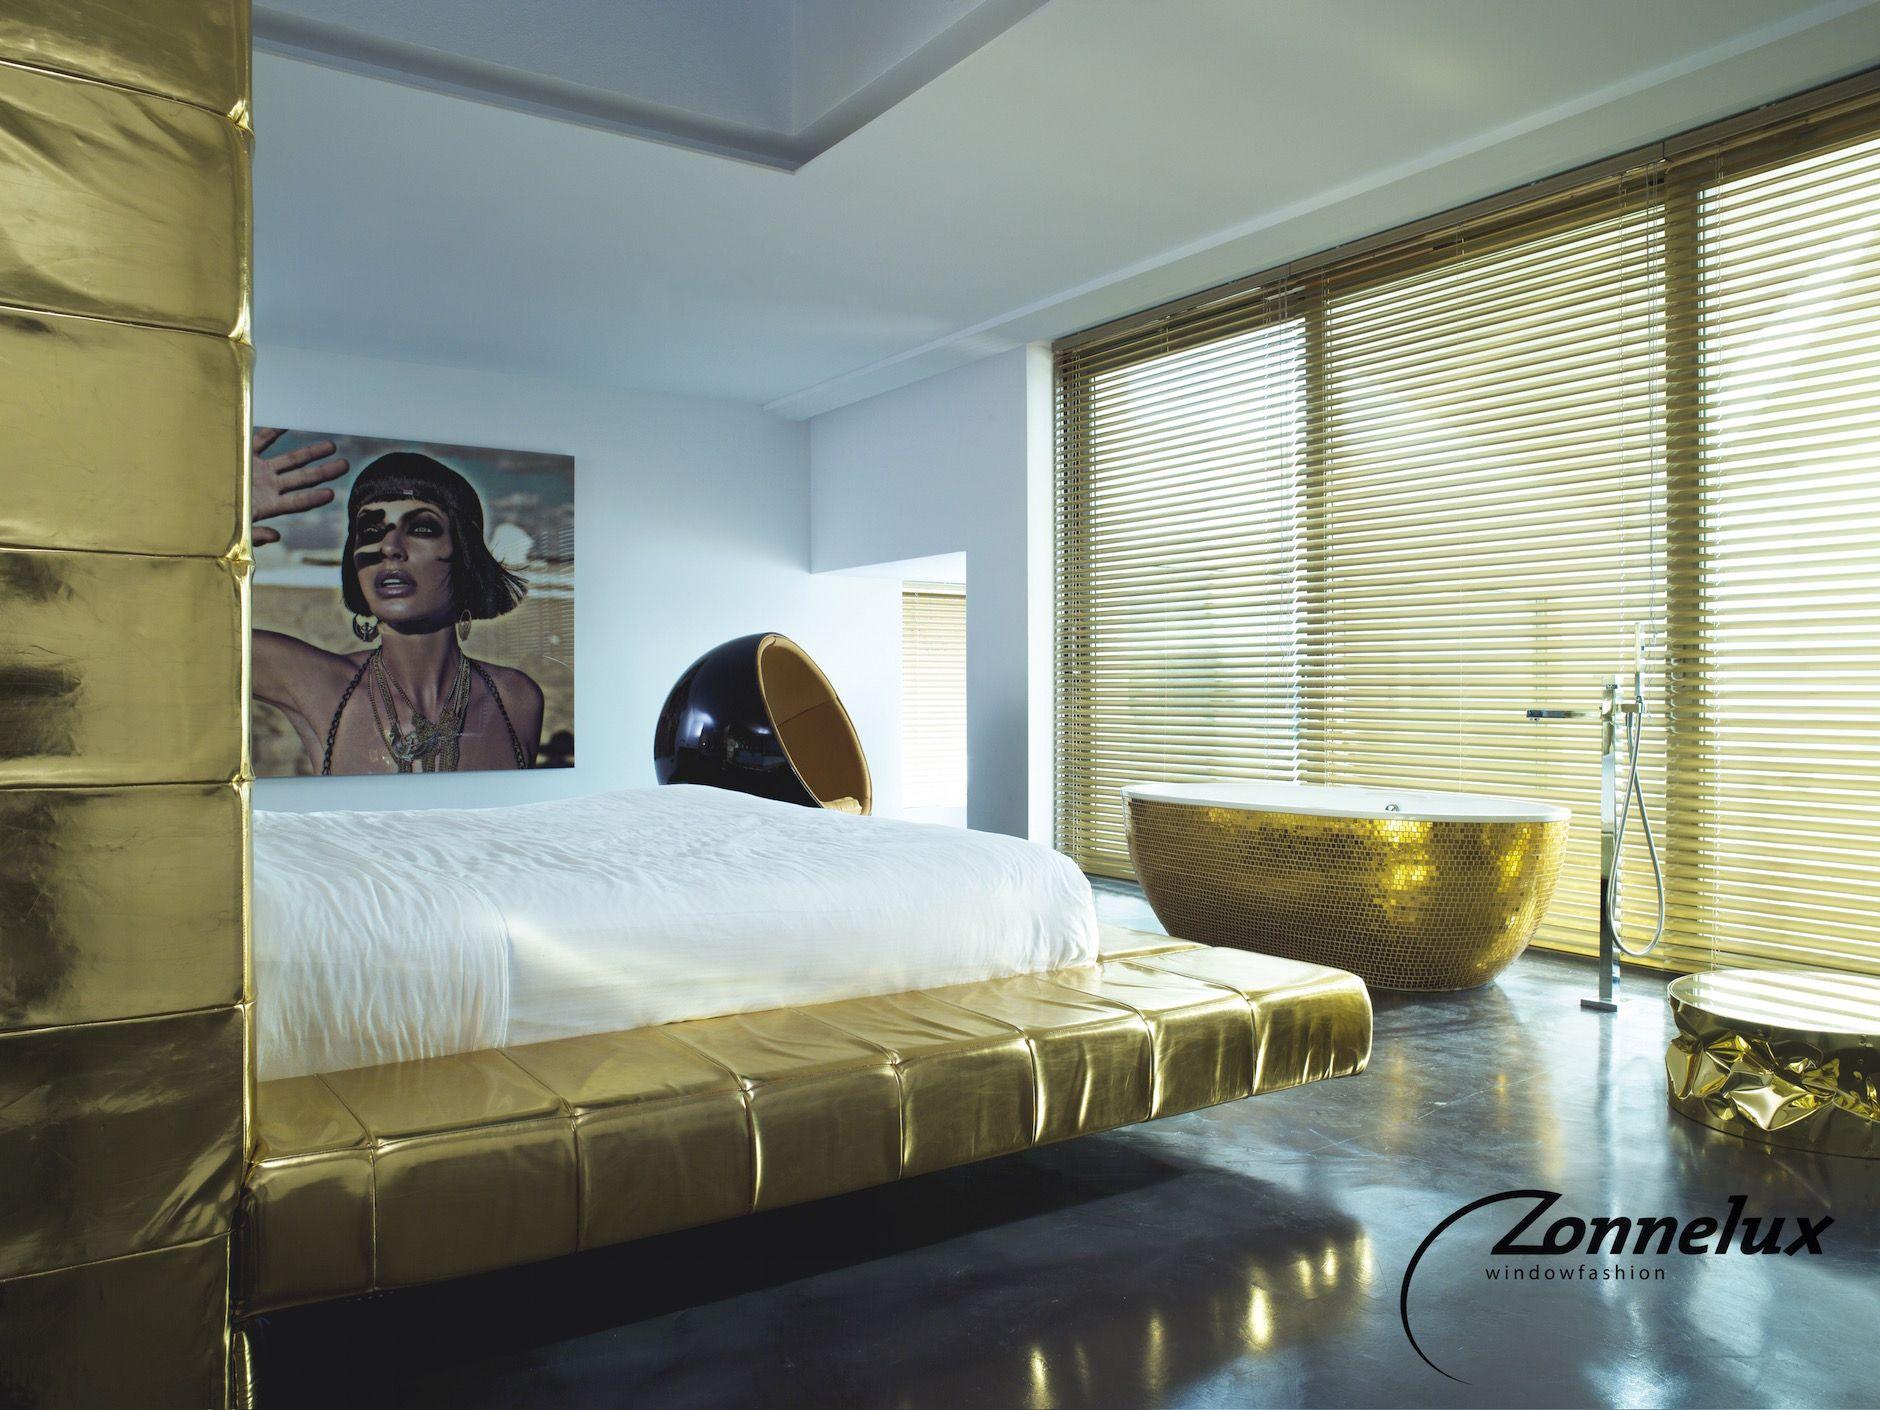 Aluminium jaloezie van zonnelux in de slaapkamer. sfeerfoto´s